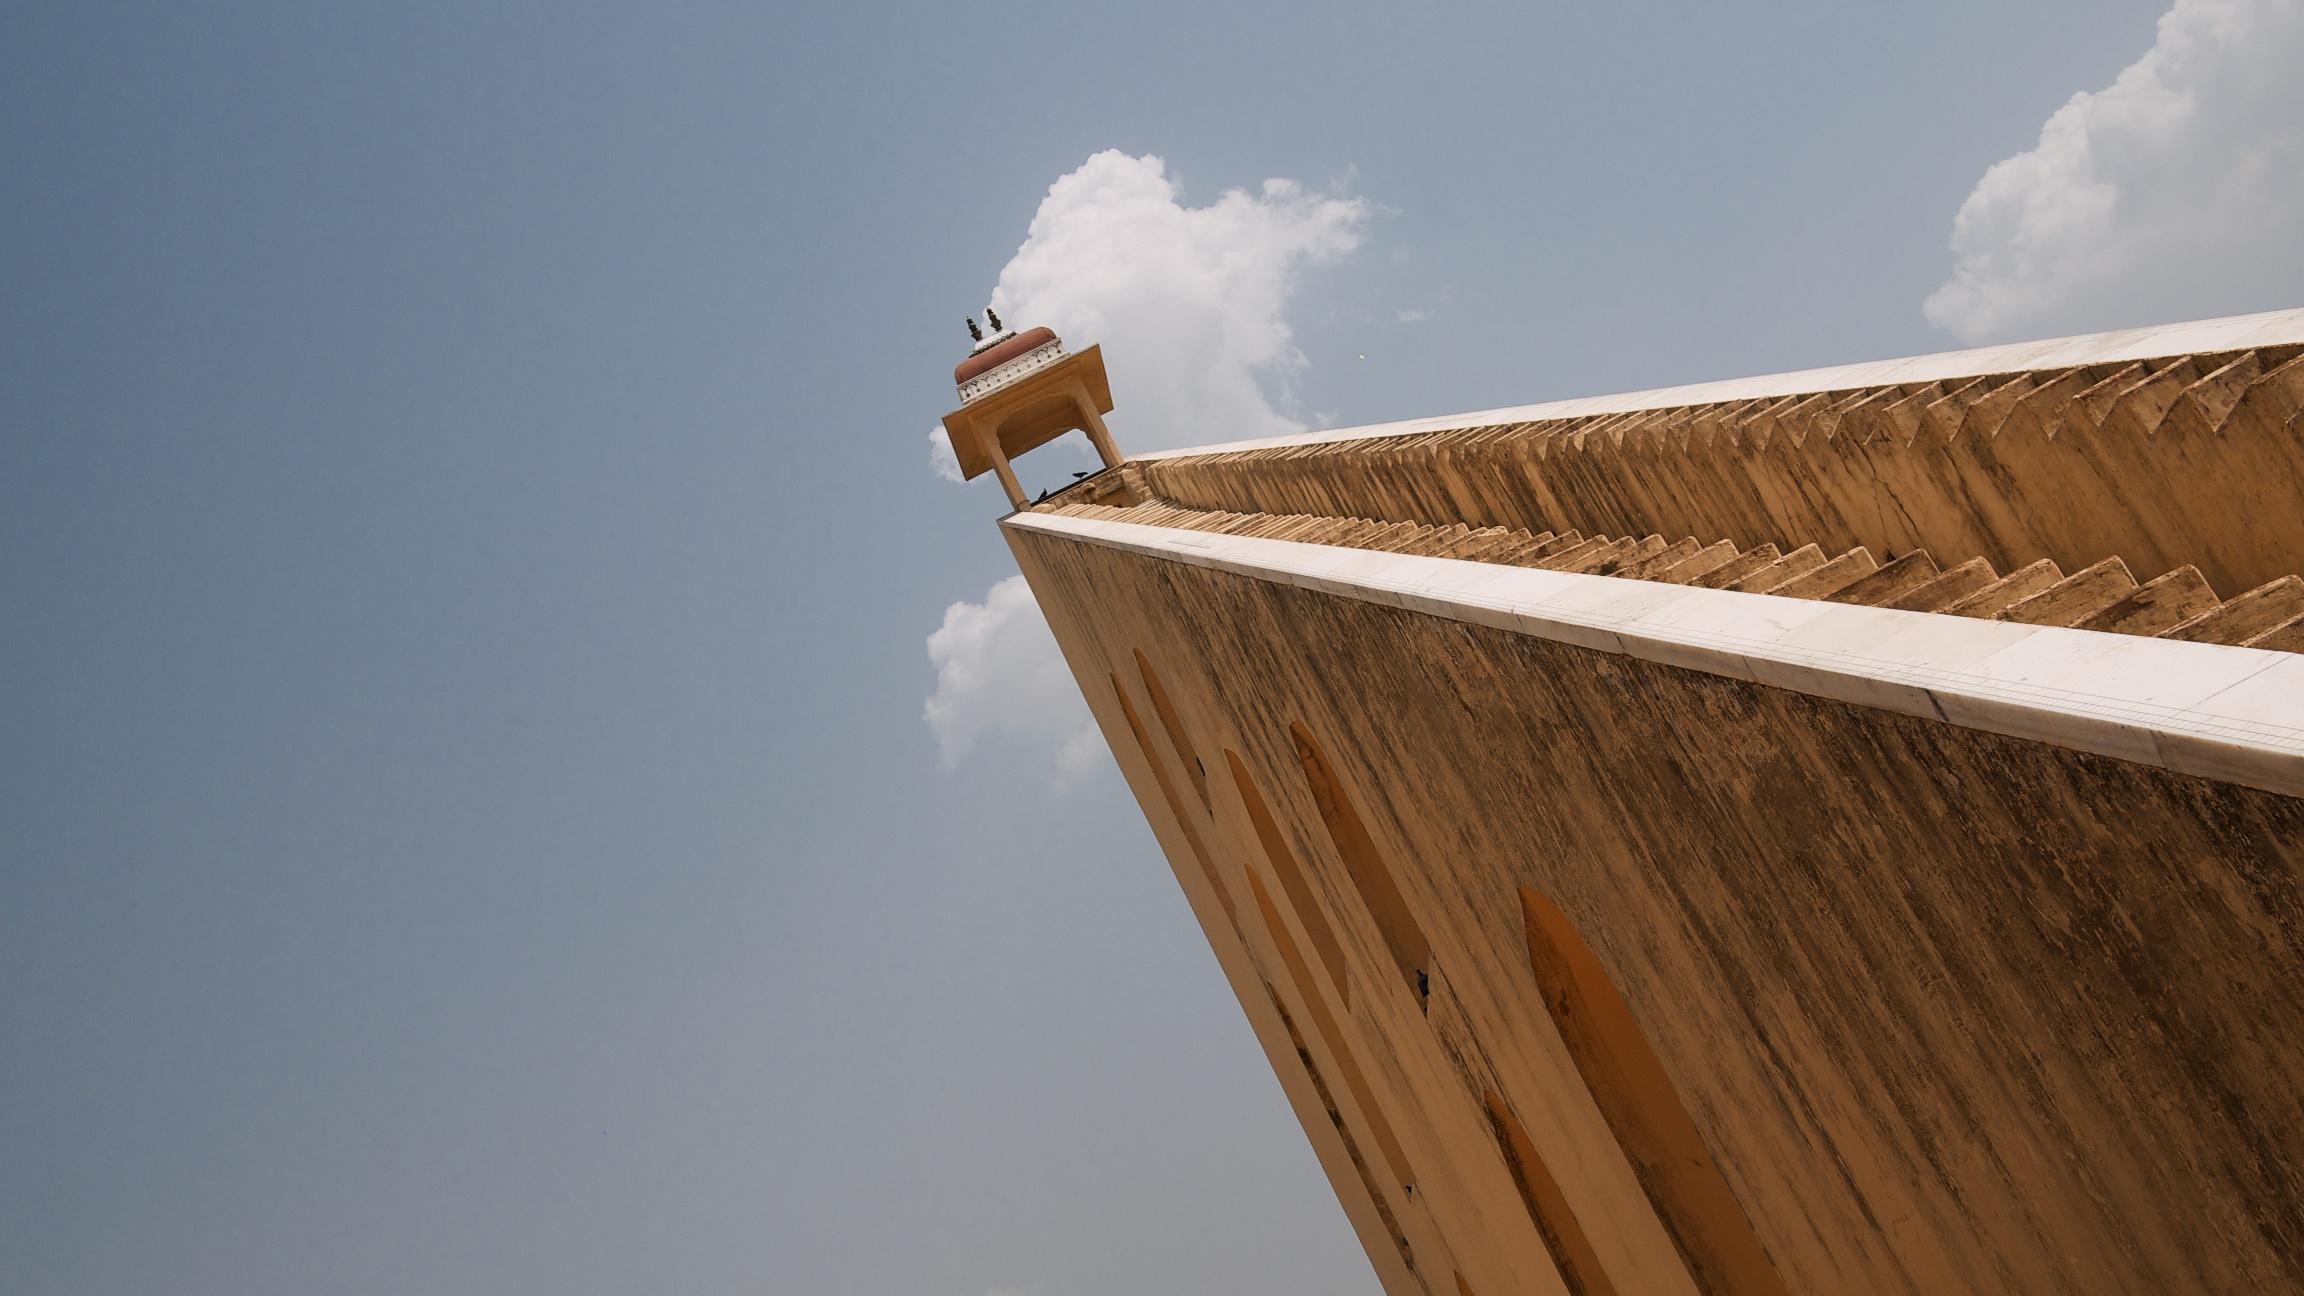 Samrat Yantra, one of the world's largest sundials